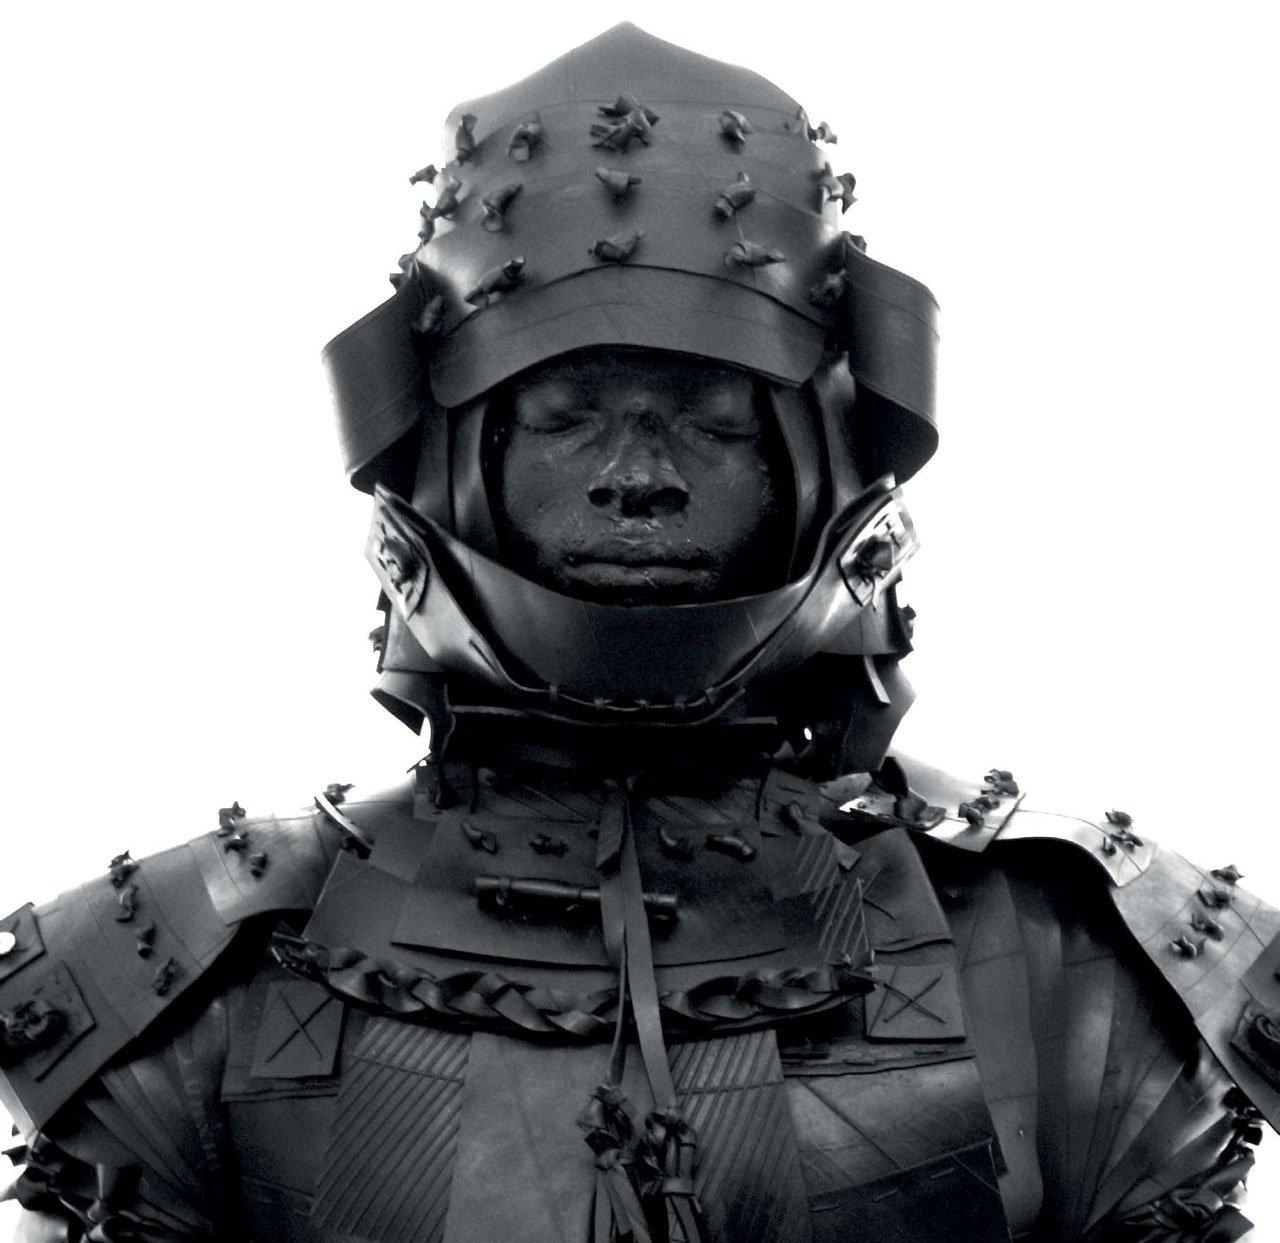 ясуке афросамурай черный самурай афро-самурай история японии отвратительные мужики disgusting men